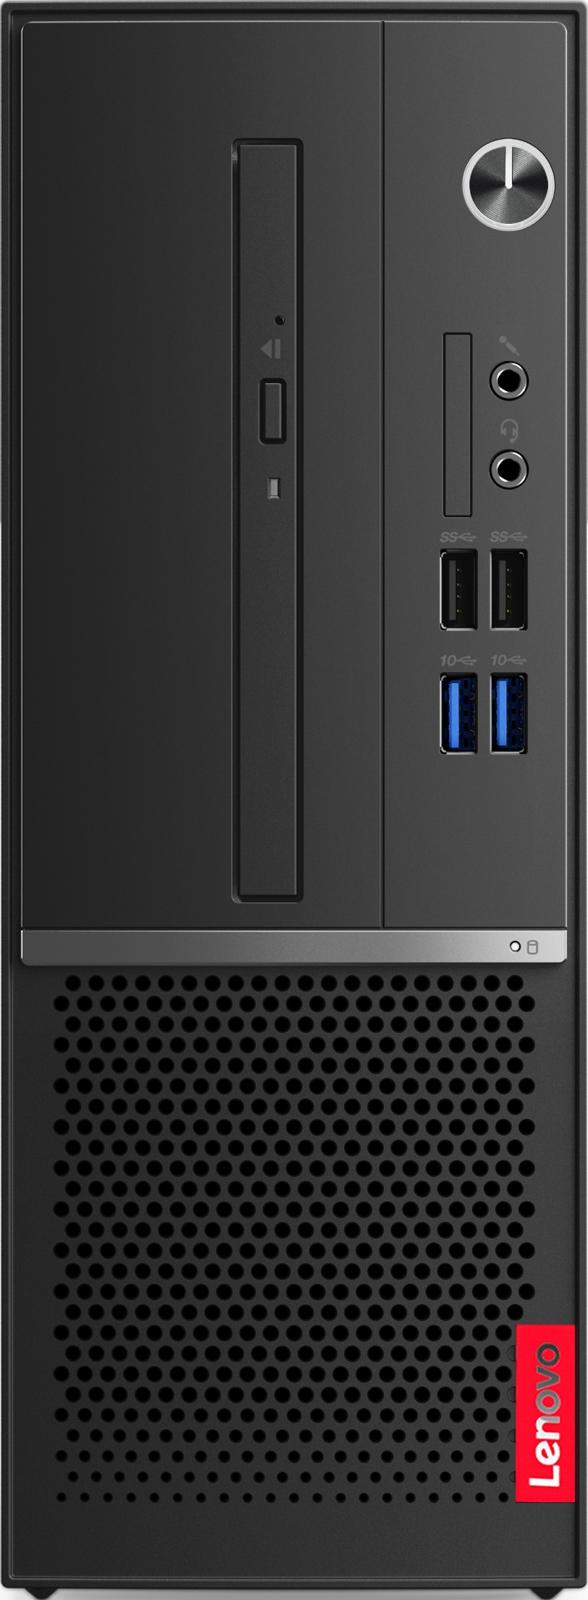 Системный блок Lenovo V530s-07ICB SFF, 10TX0039RU, черный пк lenovo v530s 07icb sff i5 8400 3 6 8gb ssd256gb hdg dvdrw noos 180w клавиатура мышь черный